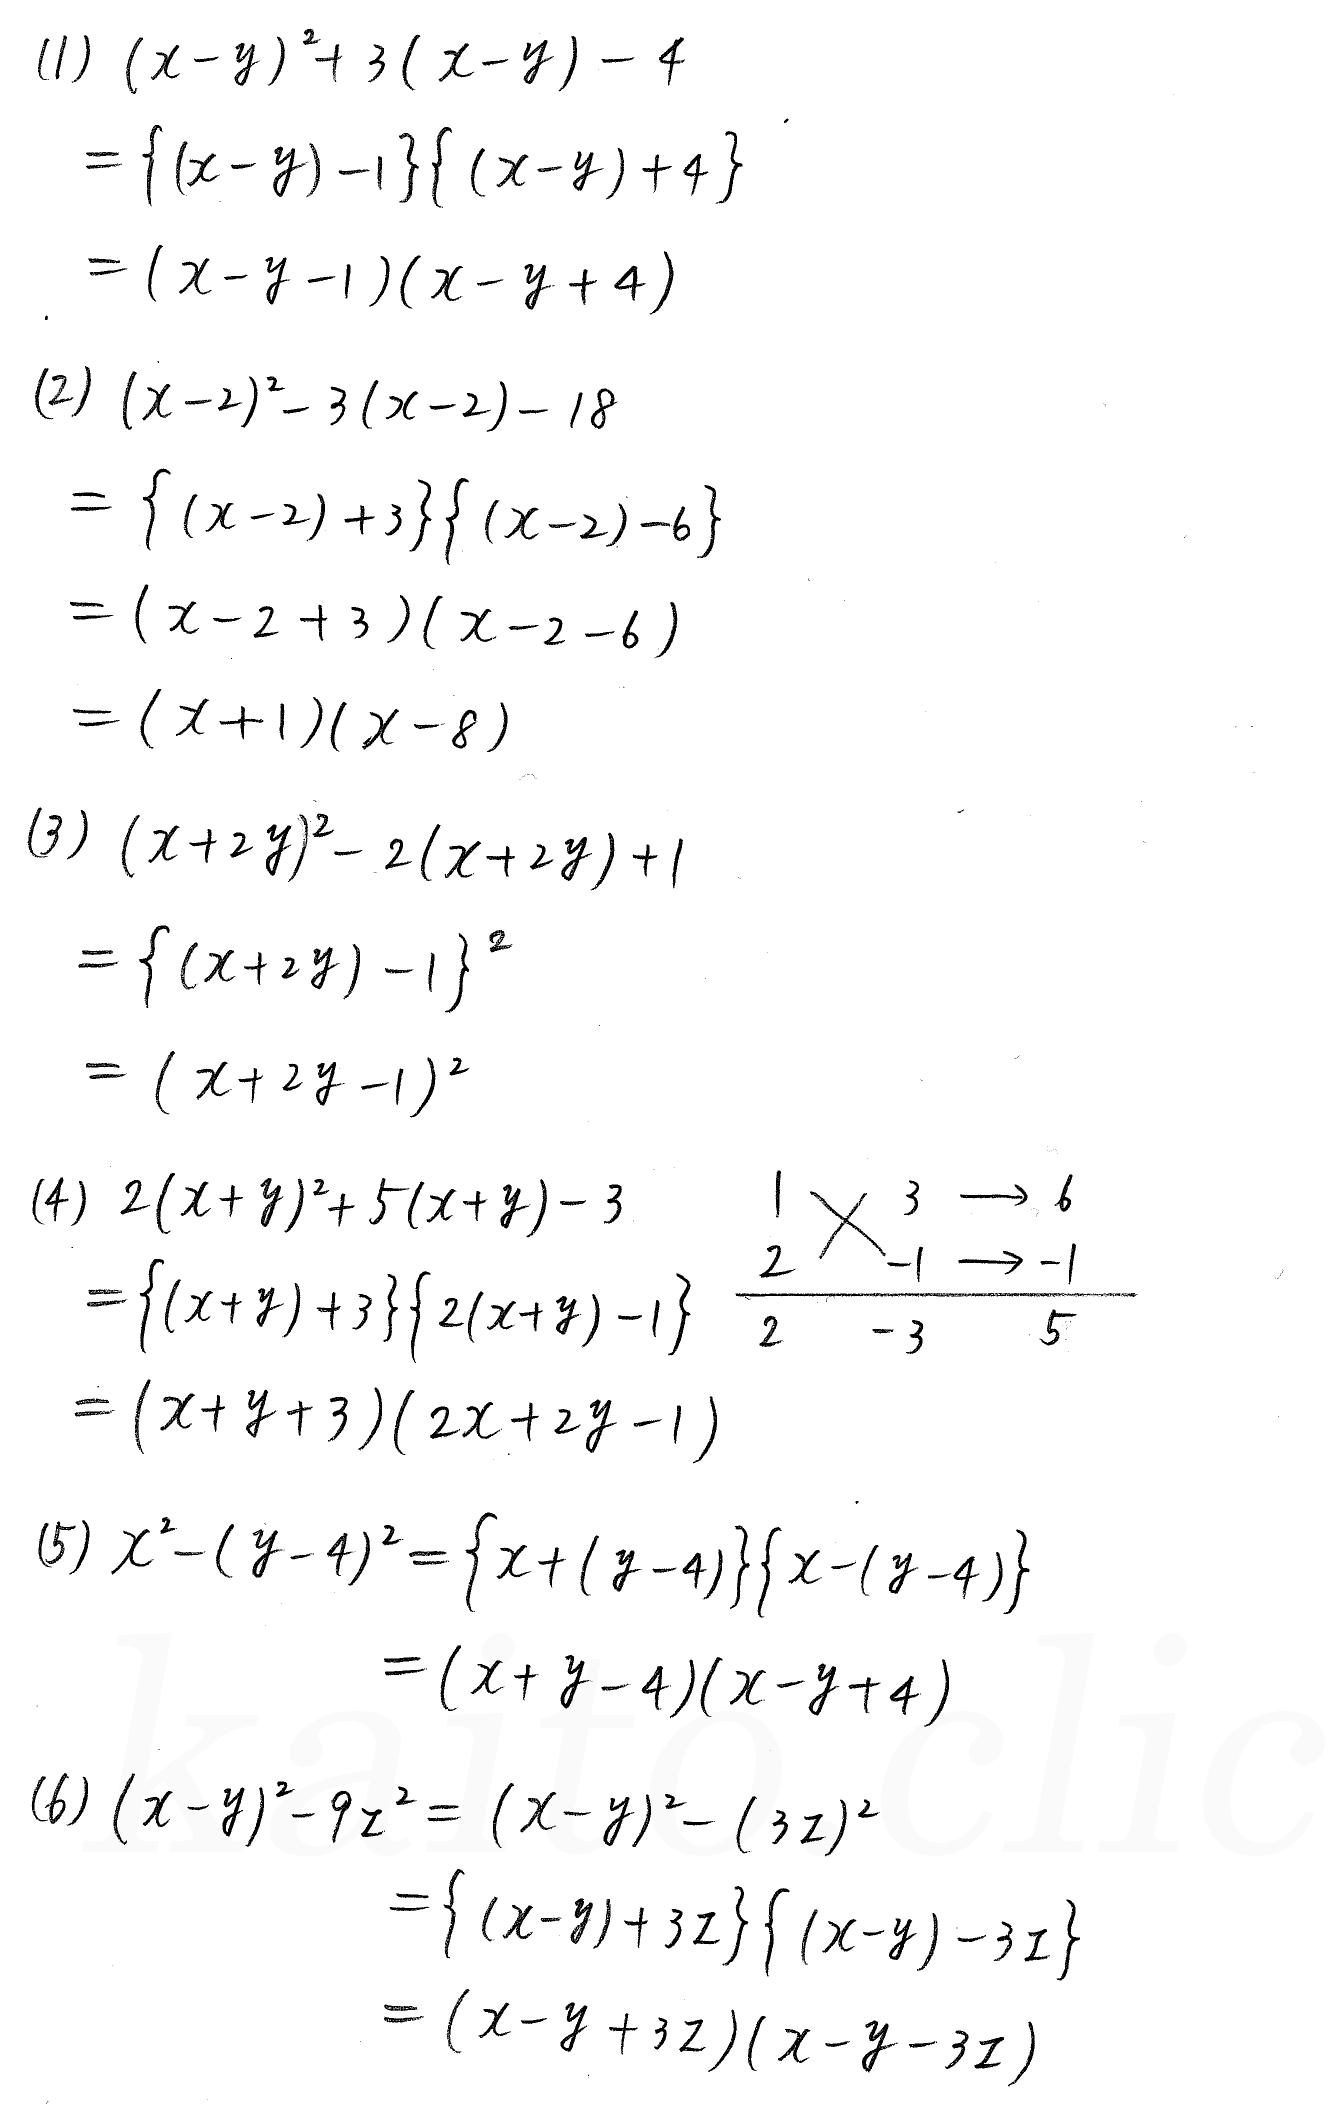 クリアー数学1-40解答